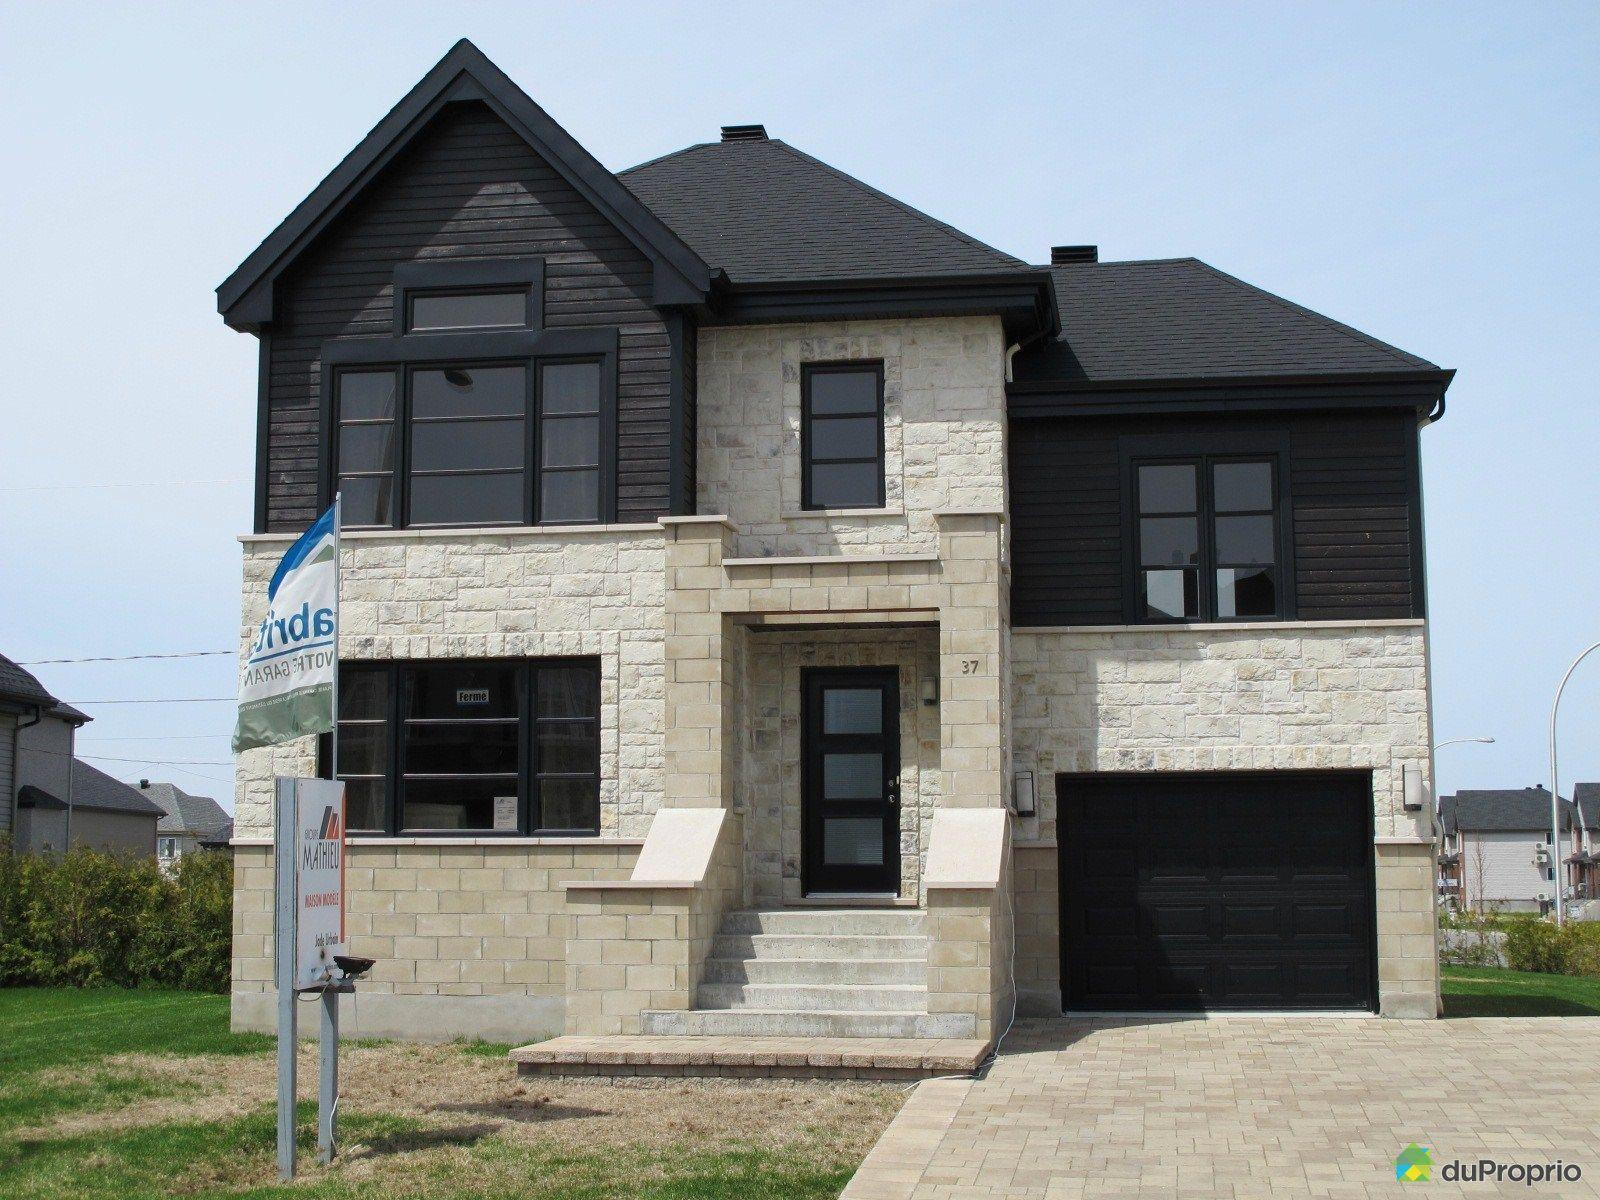 Mod le jade urbain projet l 39 h ritage blainville for Exemple de facade de maison